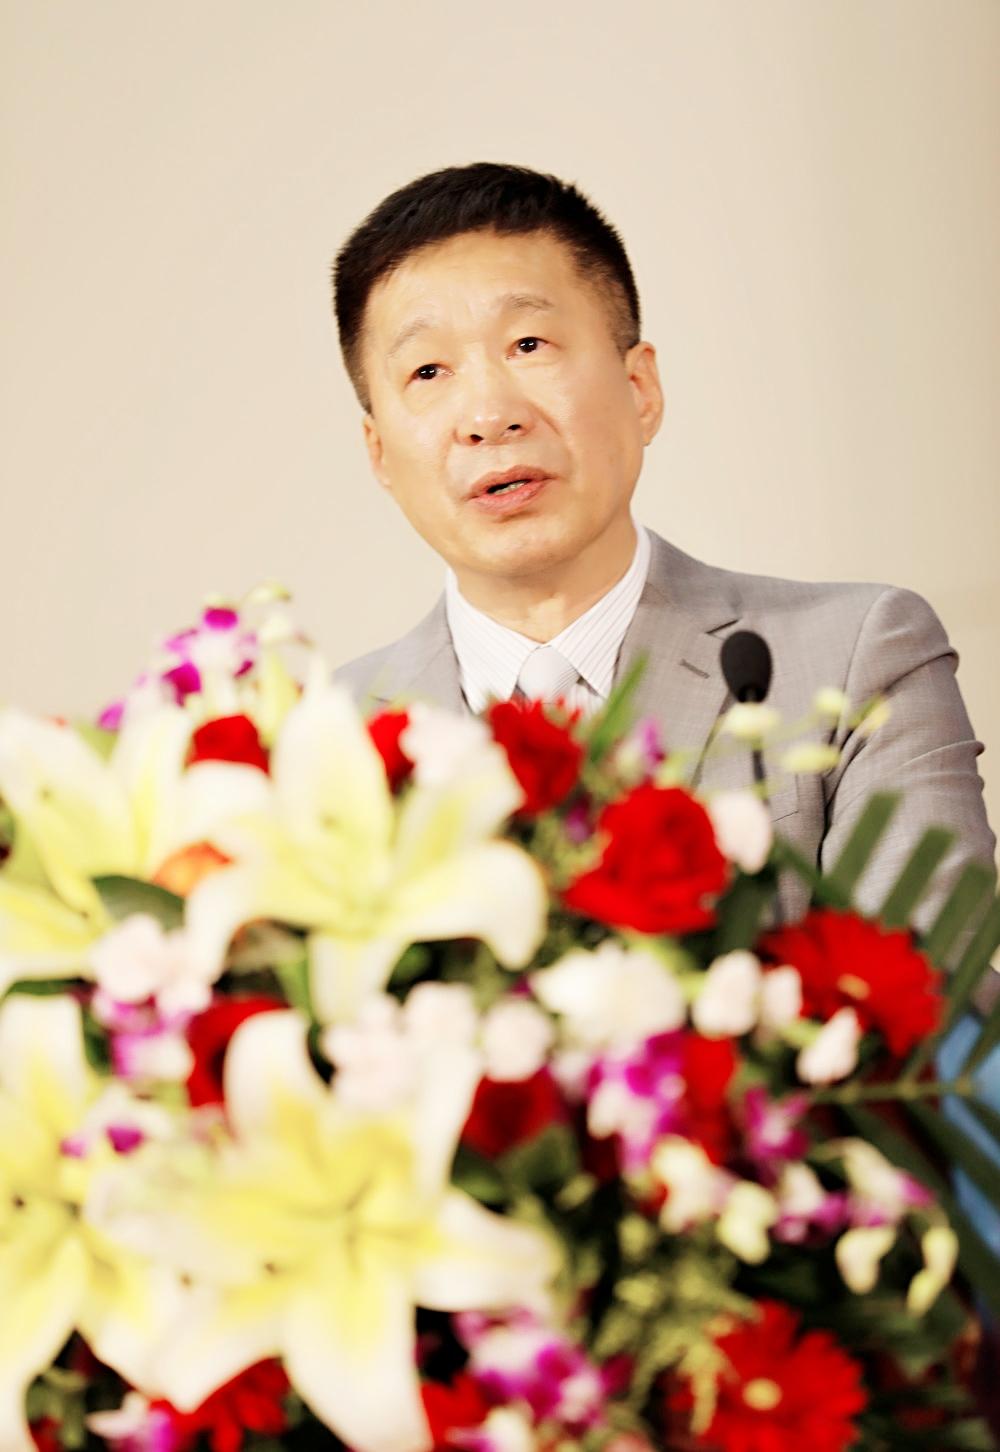 院线电影《拐途》启动发布会北京举行 慈善先行捐百万爱心基金